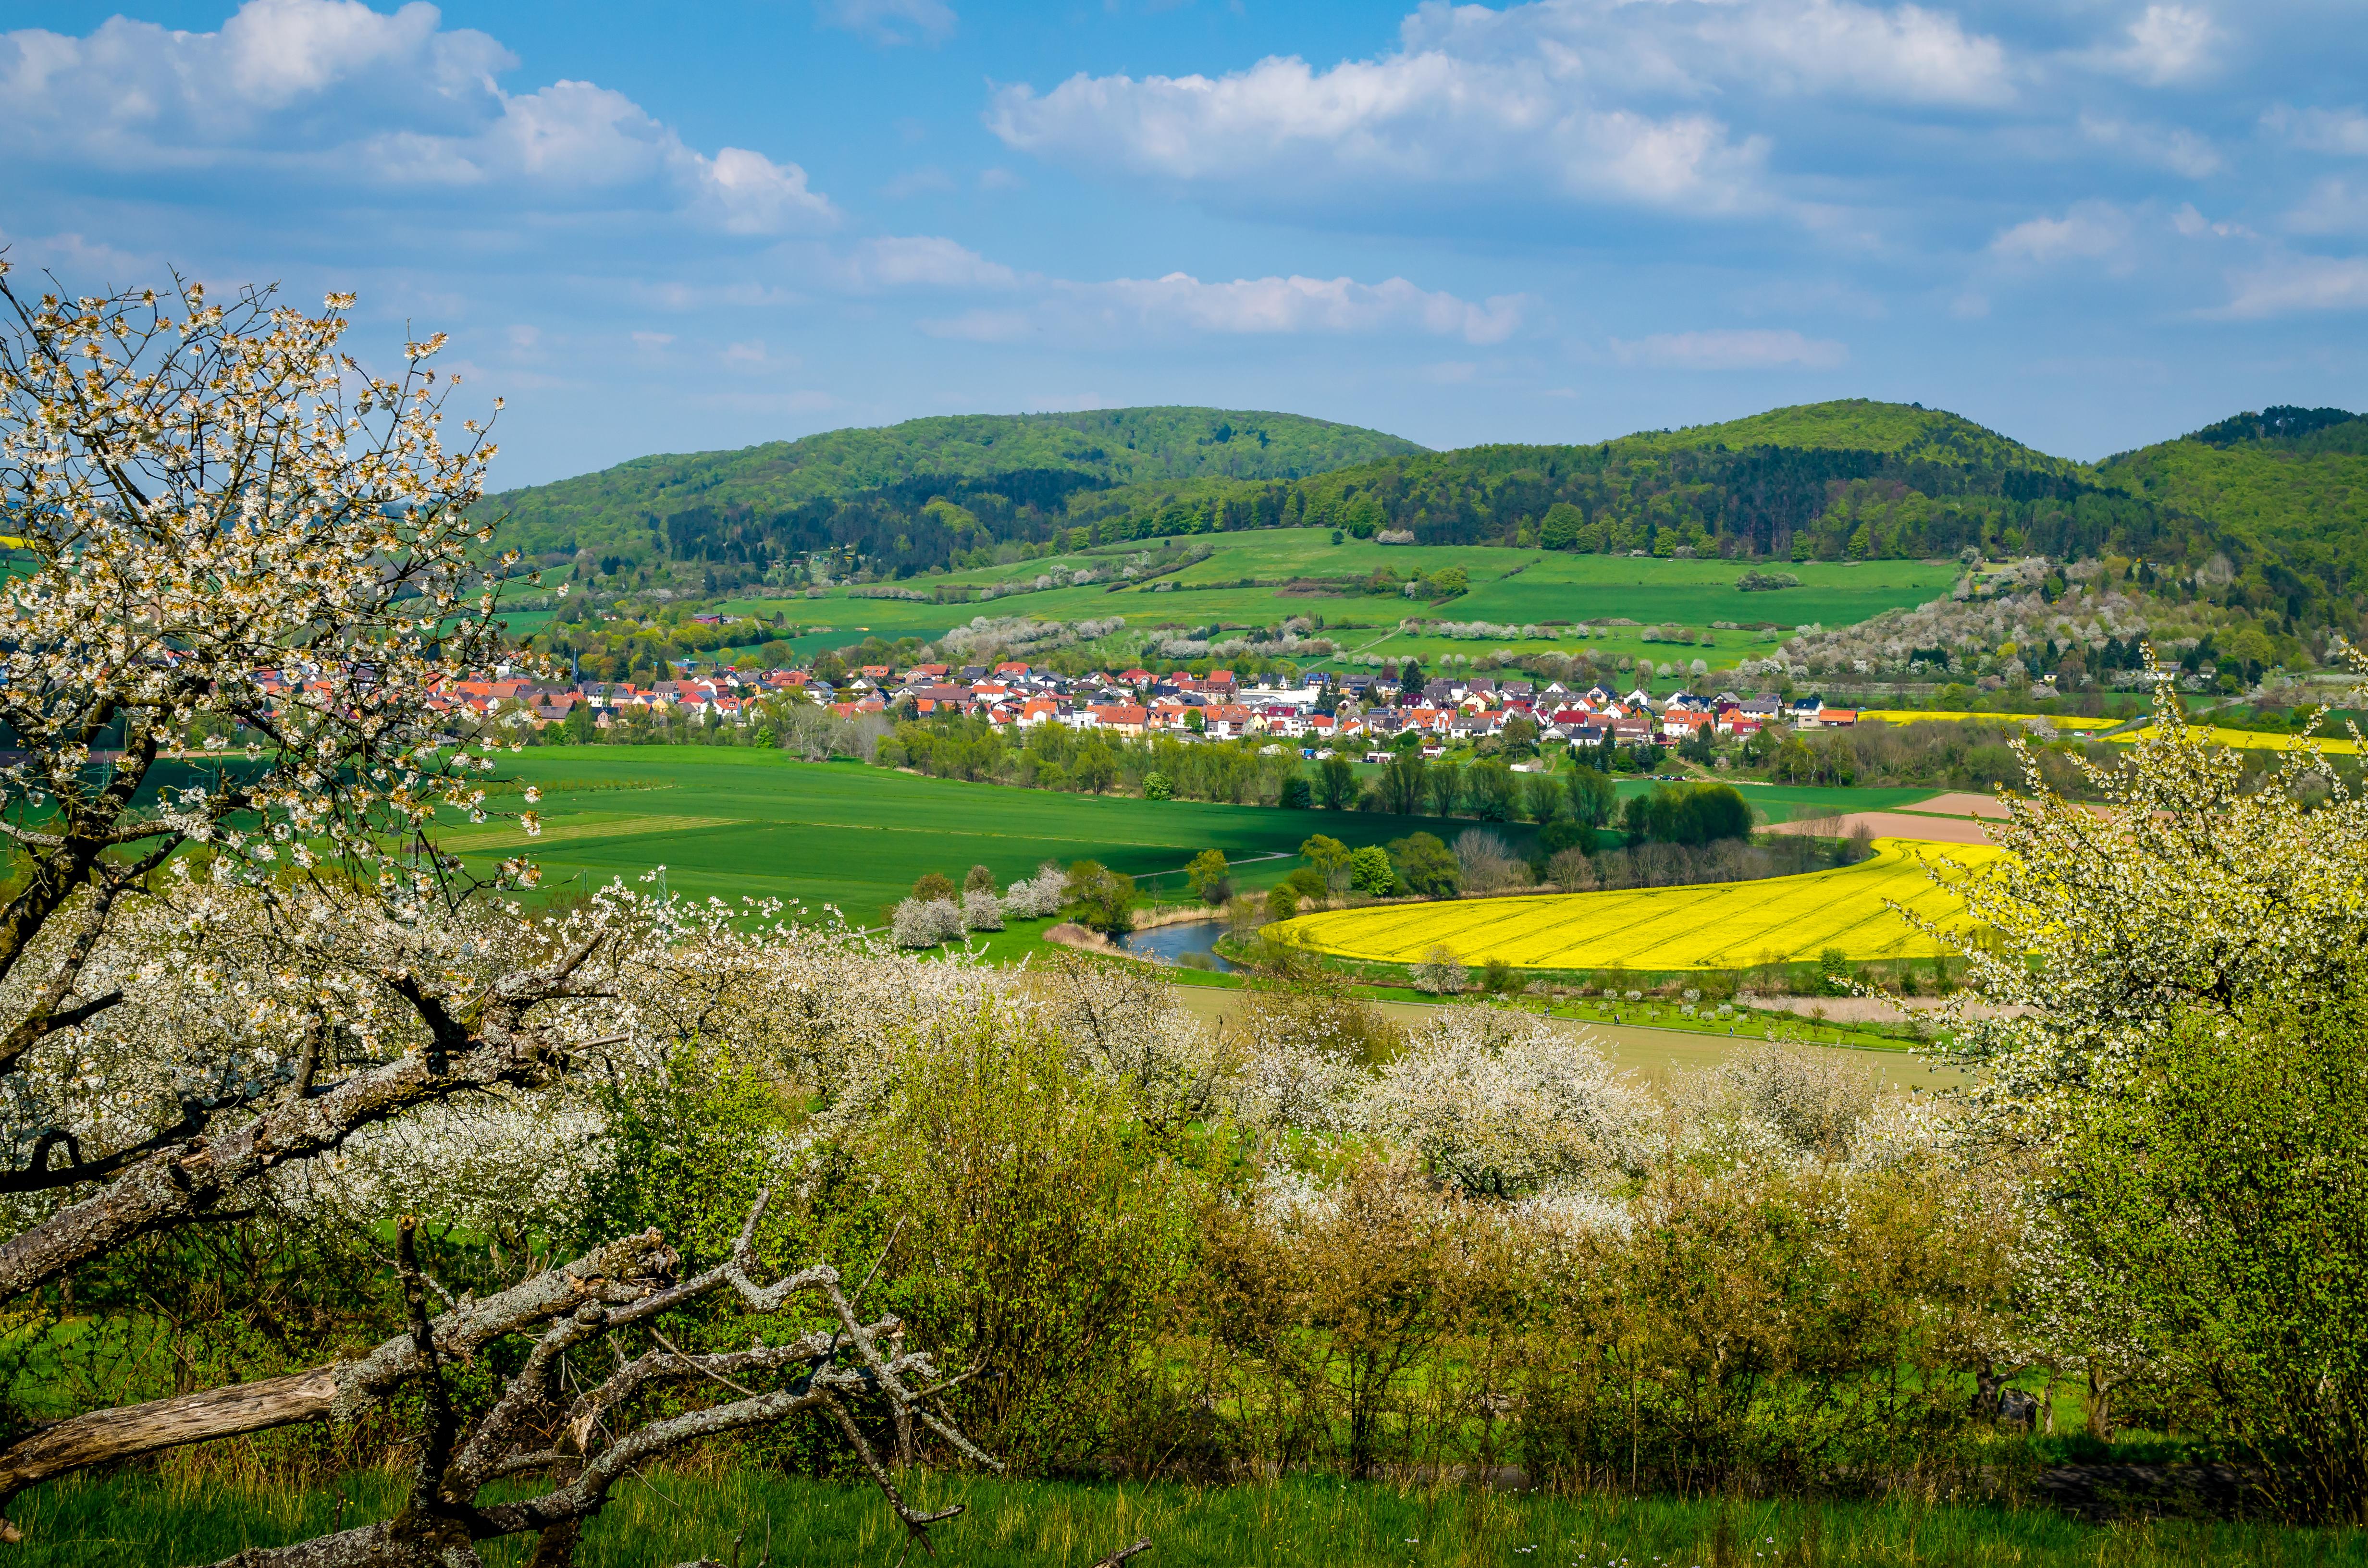 Kirschblüte bei Witzenhausen im Werra-Meissner-Kreis